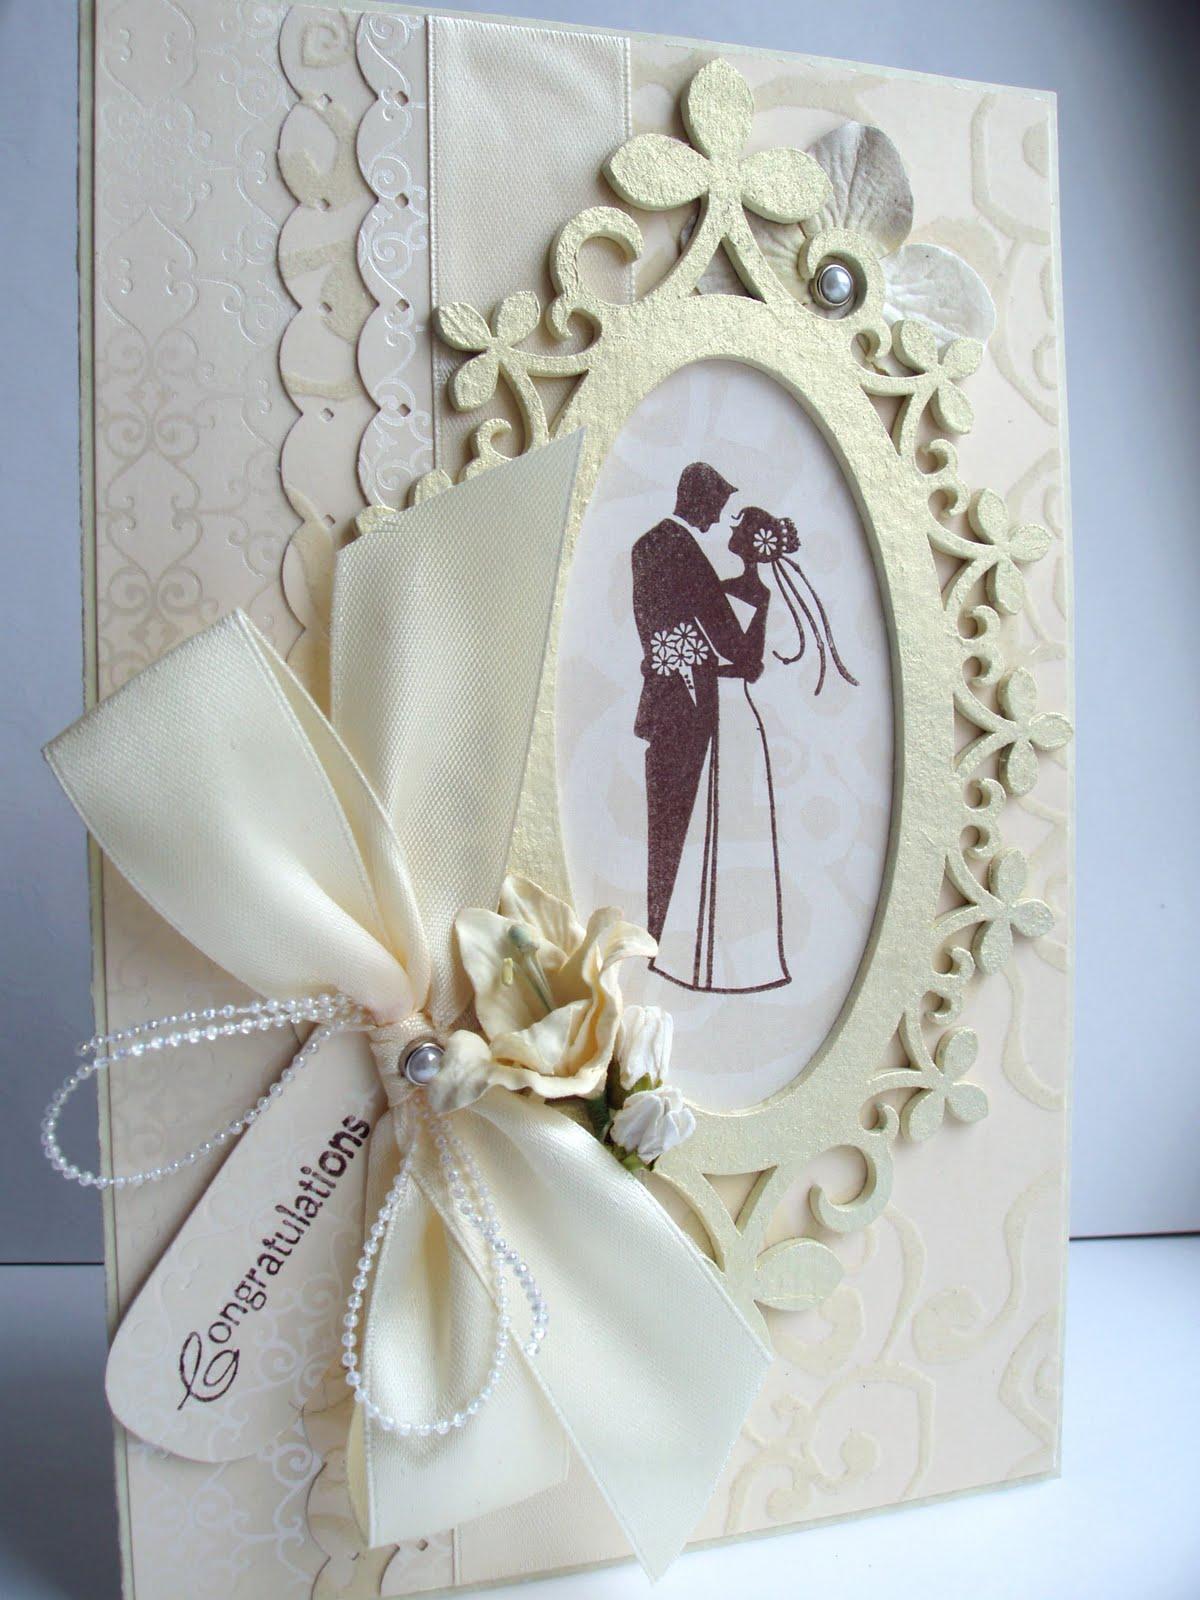 Февраля, открытка на свадьба и красивые поздравления своими руками пошаговый